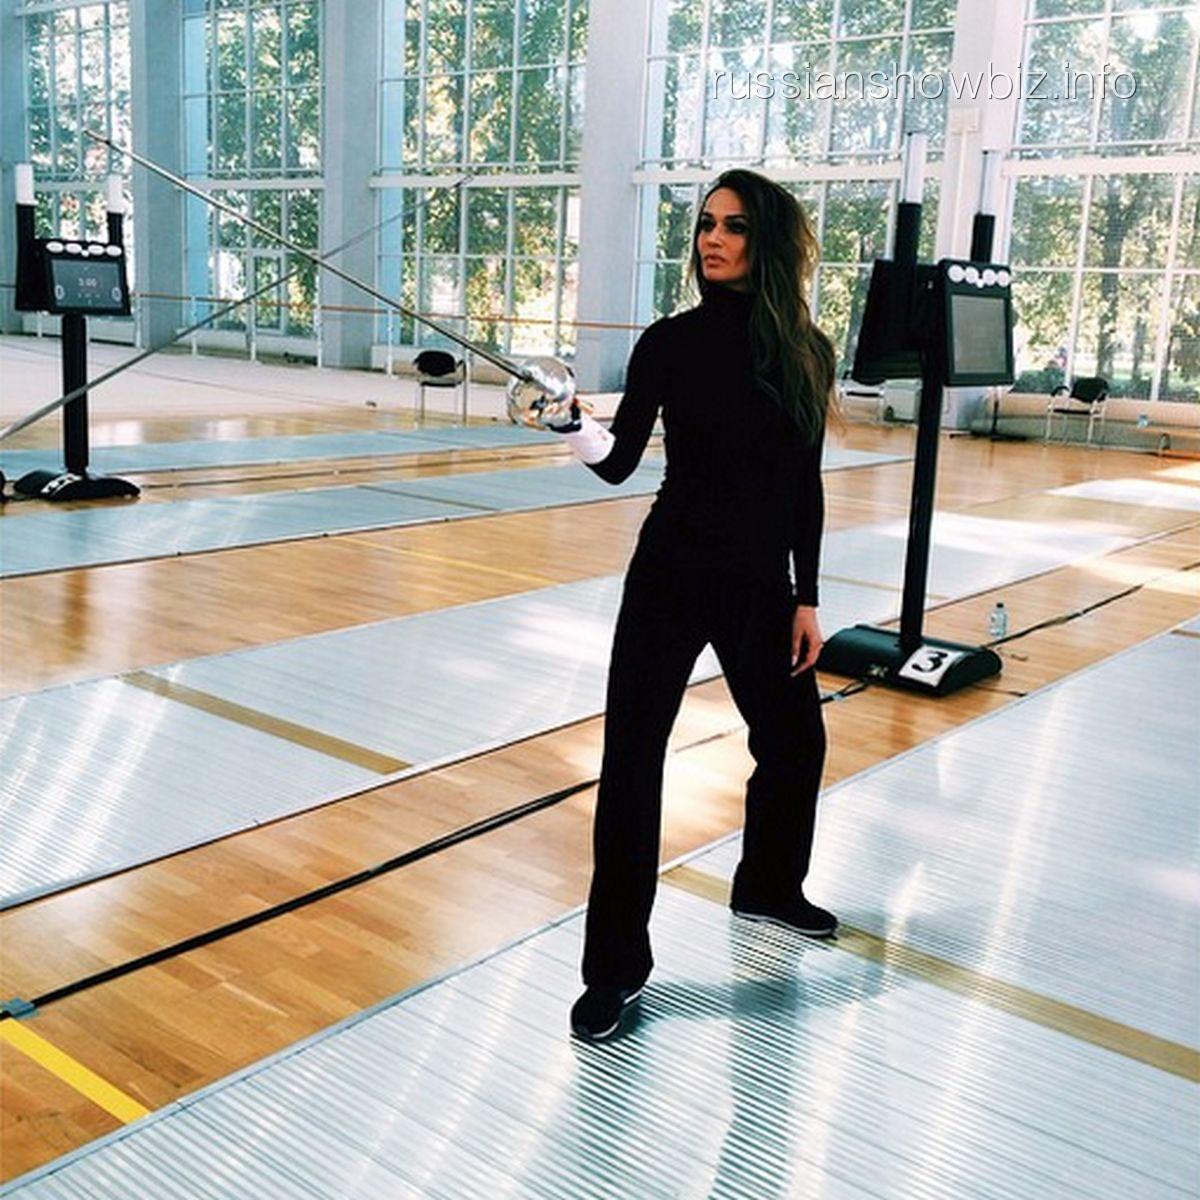 Алена Водонаева на первом занятии фехтованием